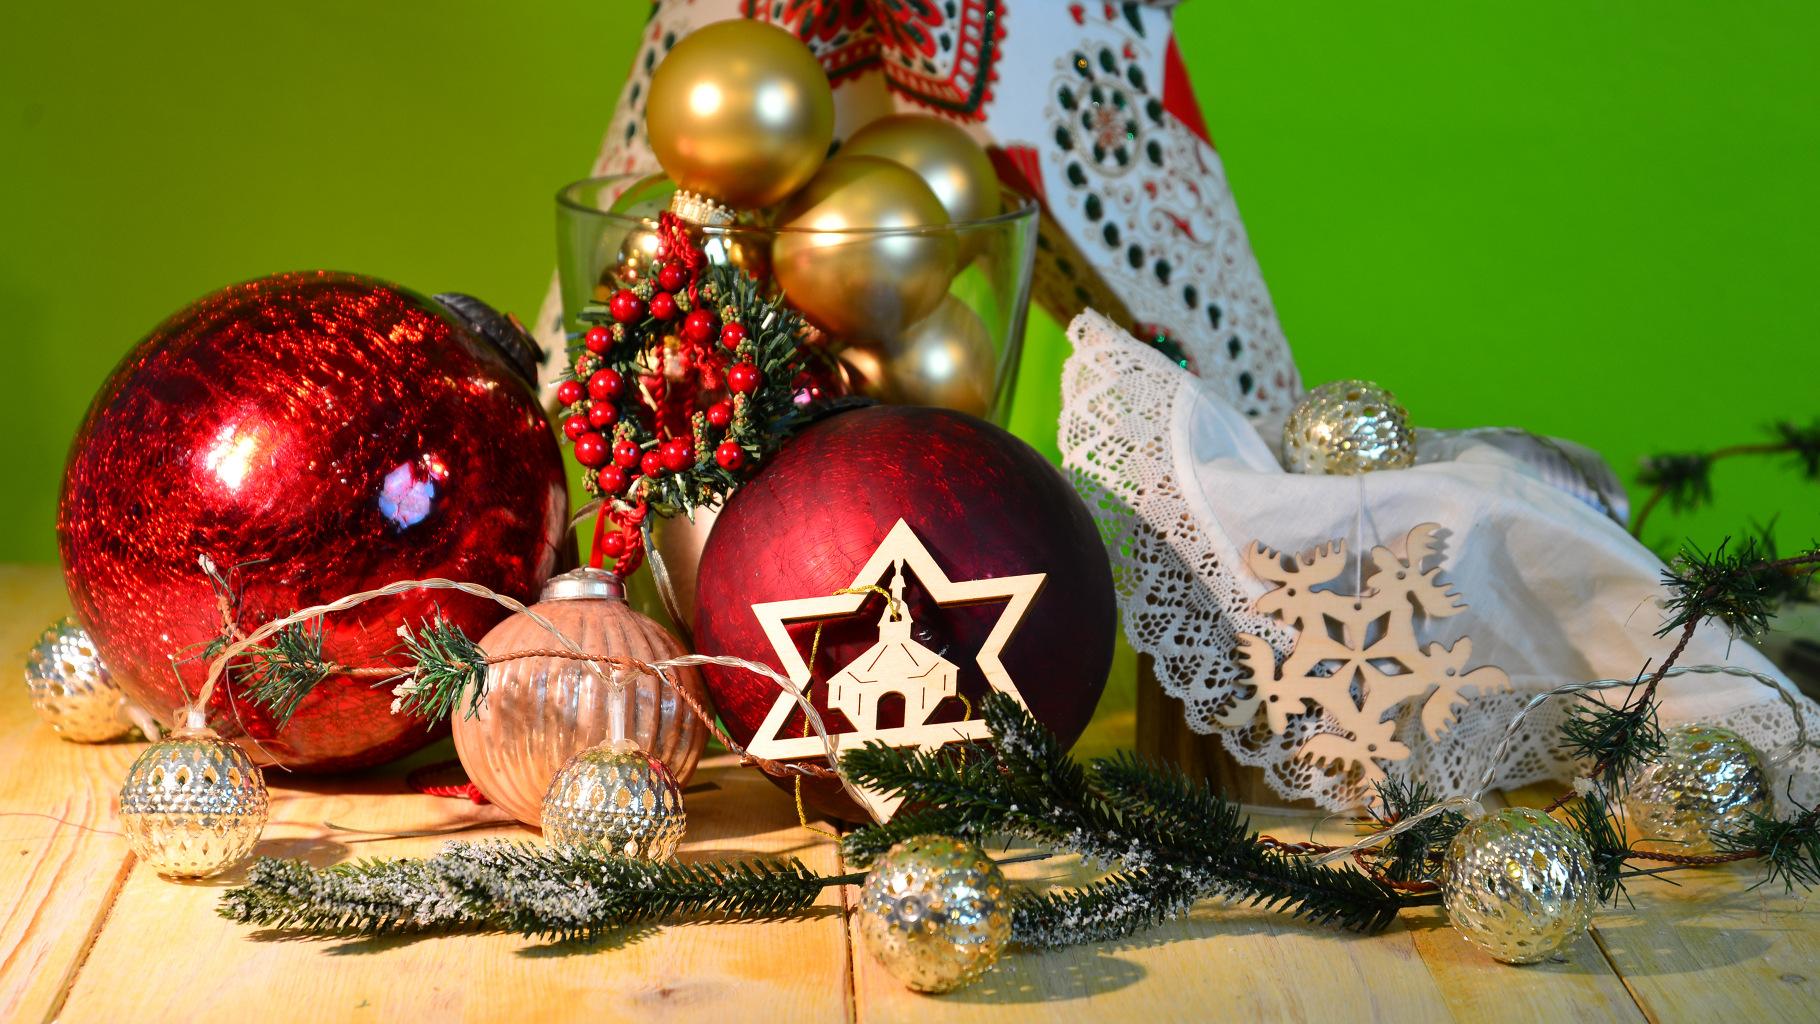 weihnachtliche Dekoration aus dem Oxfam Shop